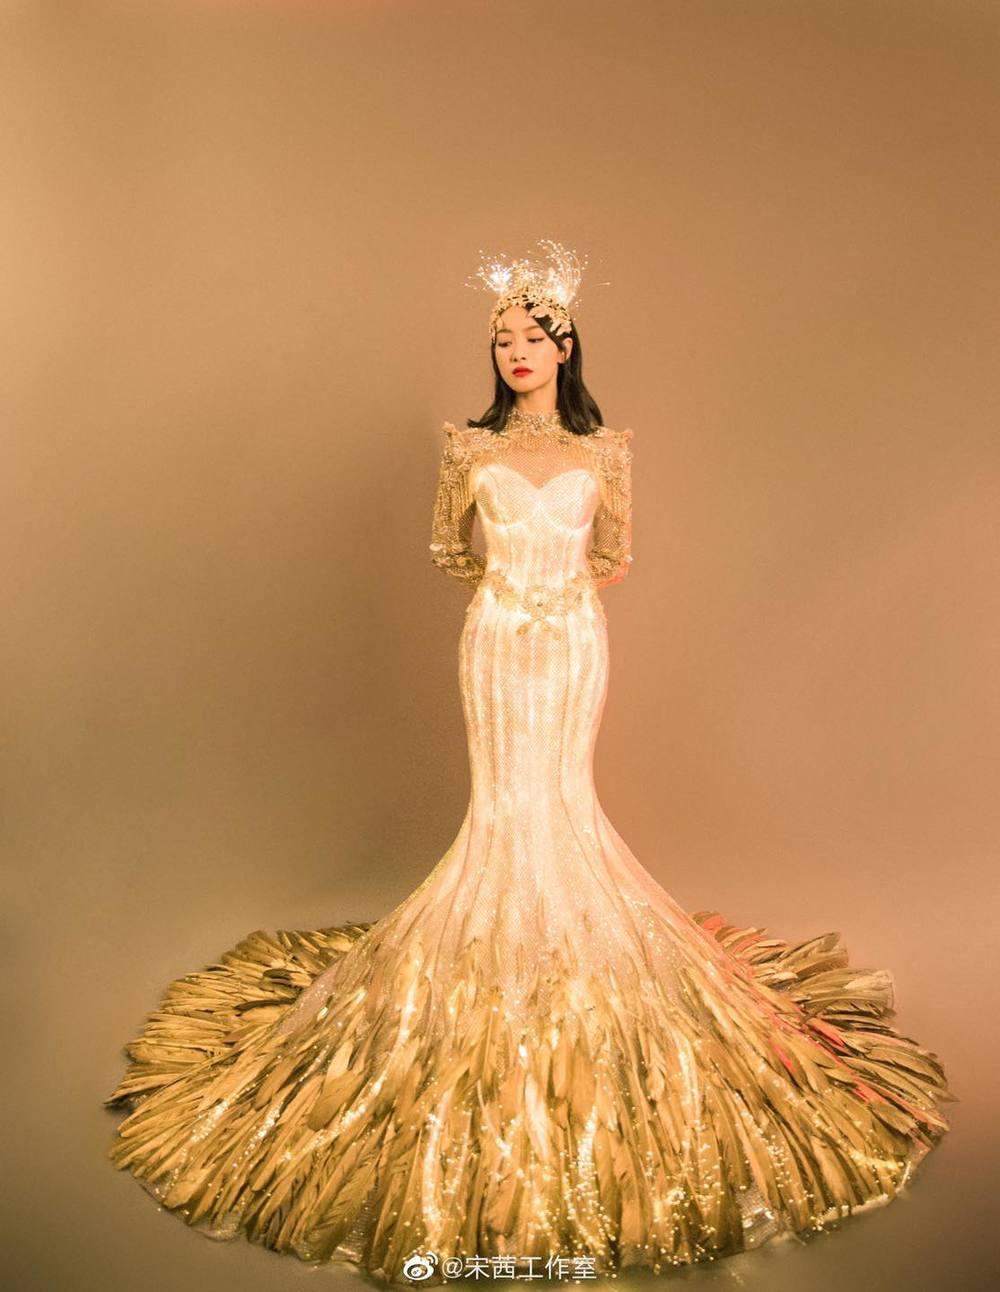 Từ visual tới khí chất đều xẹp lép so với 7 mỹ nhân tiền nhiệm, Tống Thiến chính là Nữ thần Kim Ưng bay màu nhanh nhất - Ảnh 1.